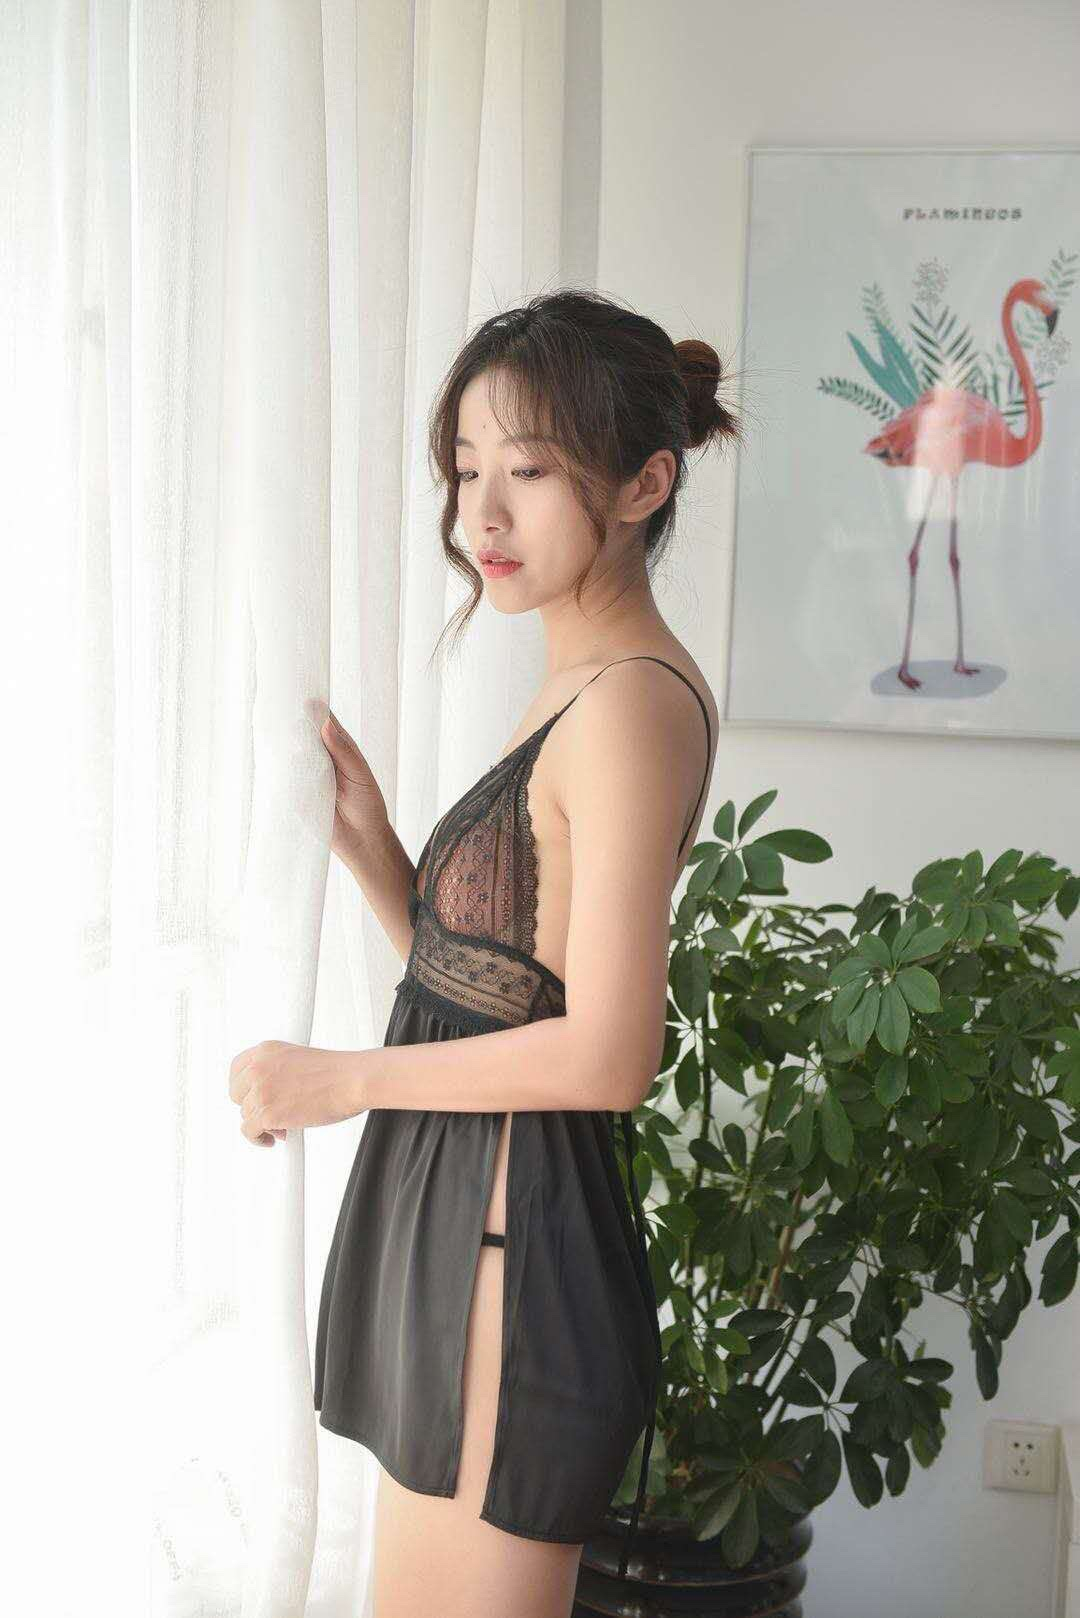 性感睡衣女夏季薄款冰丝透明骚侧开衩蕾丝诱惑露背短吊